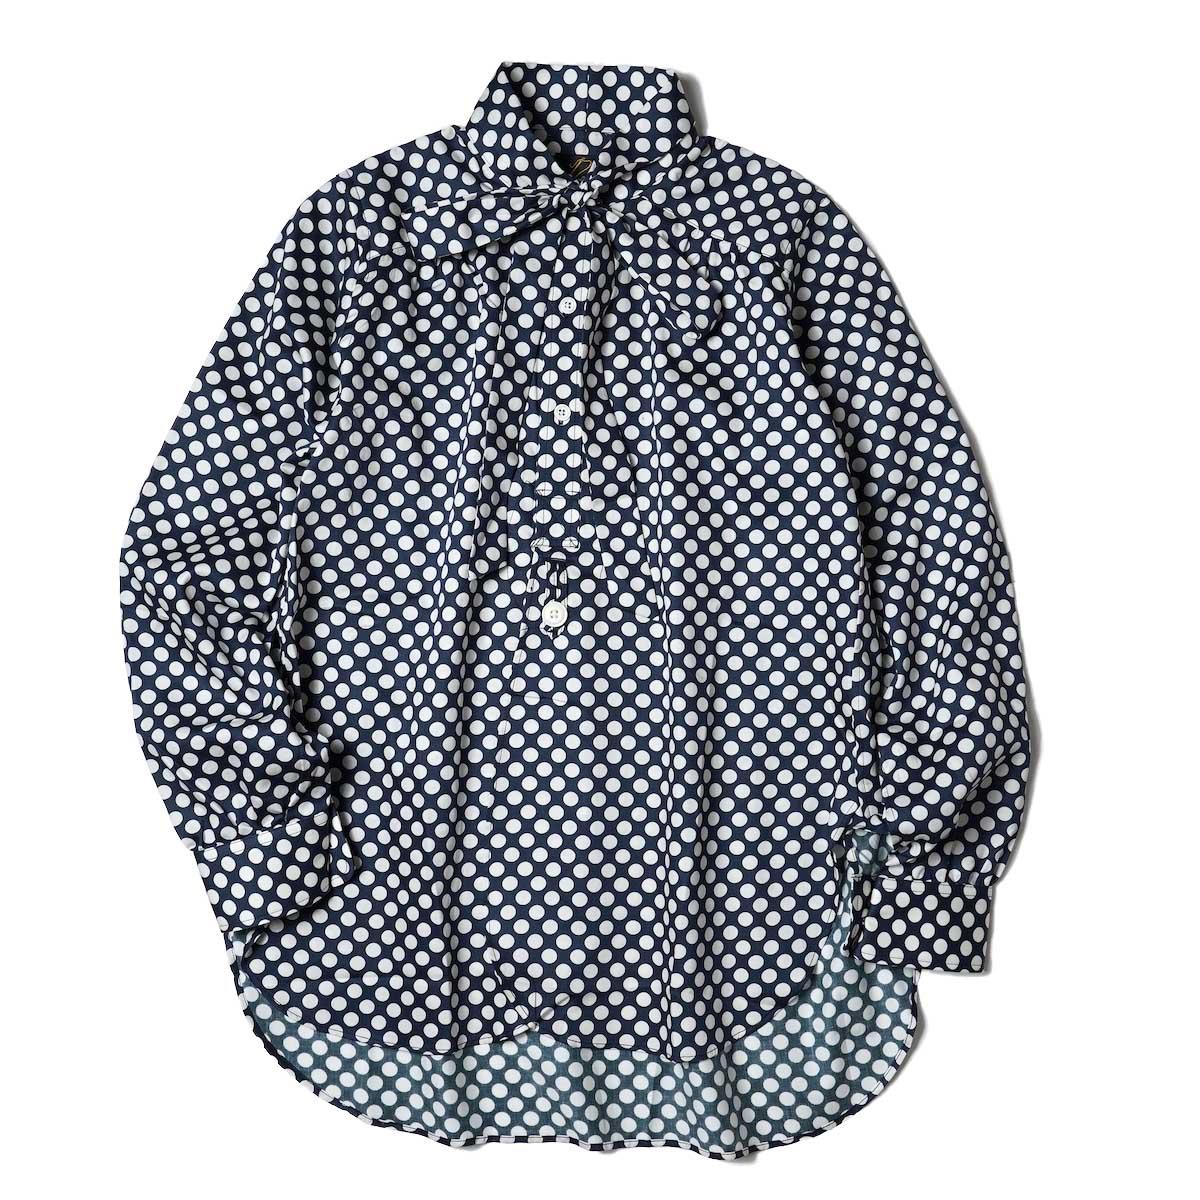 Needles / Ascot Collar EDW Shirt - Cotton Sateen / Pt (Polka Dot A)